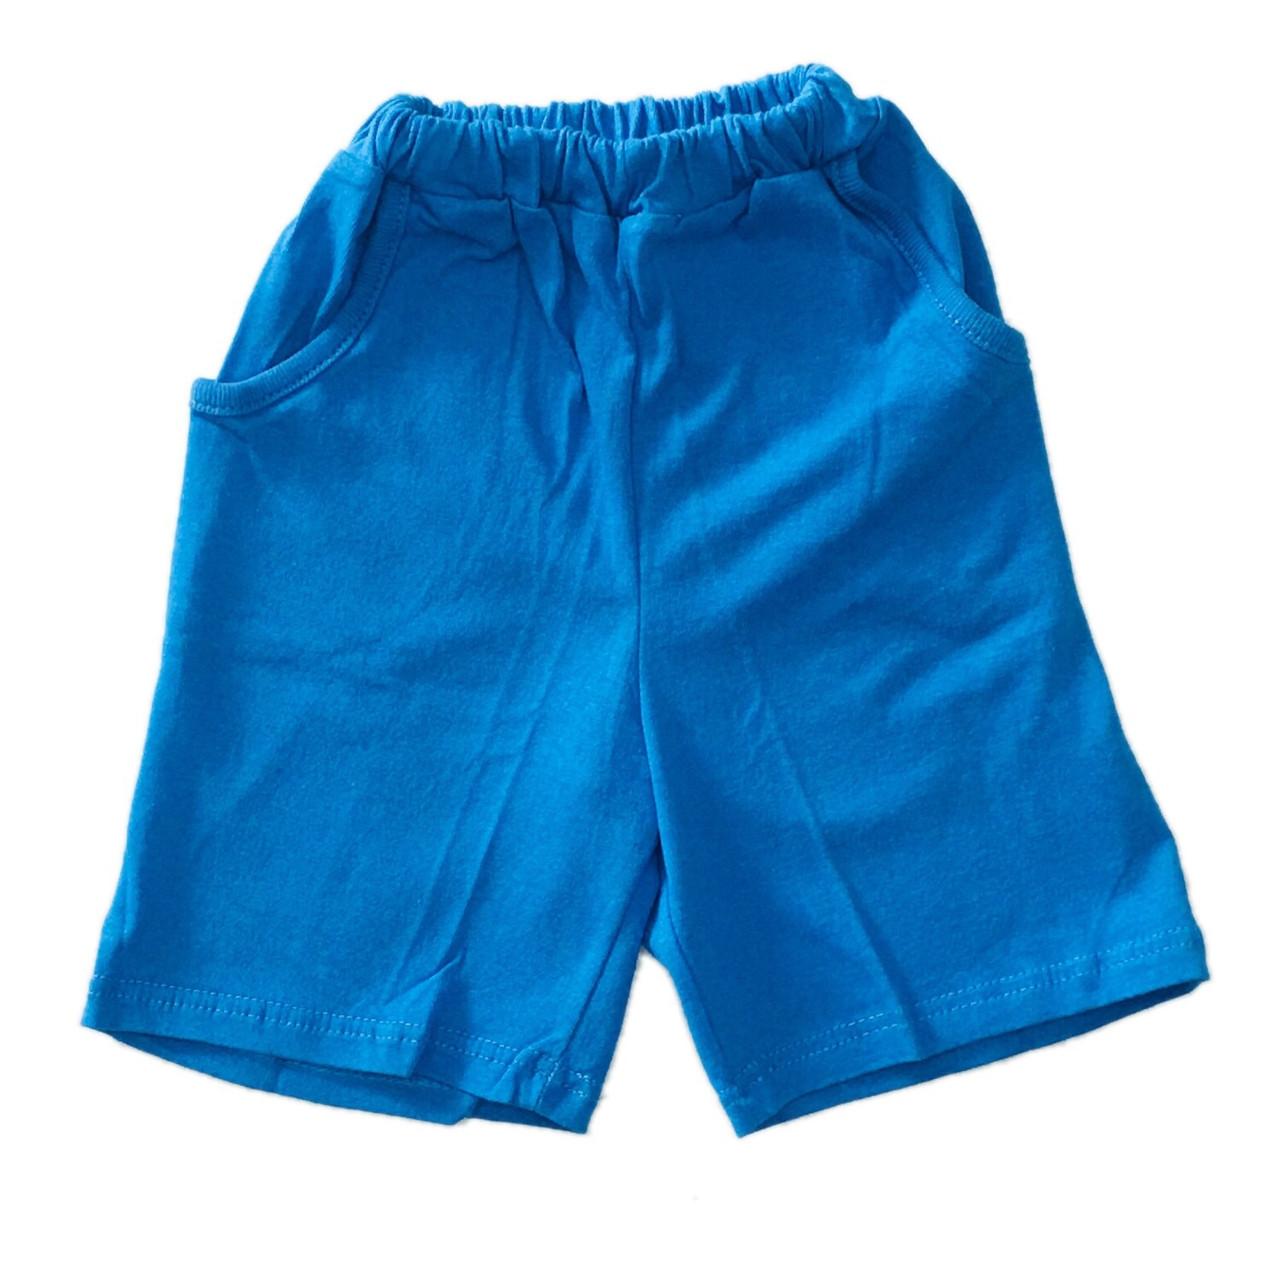 Детские шорты бриджи для мальчика, 110см